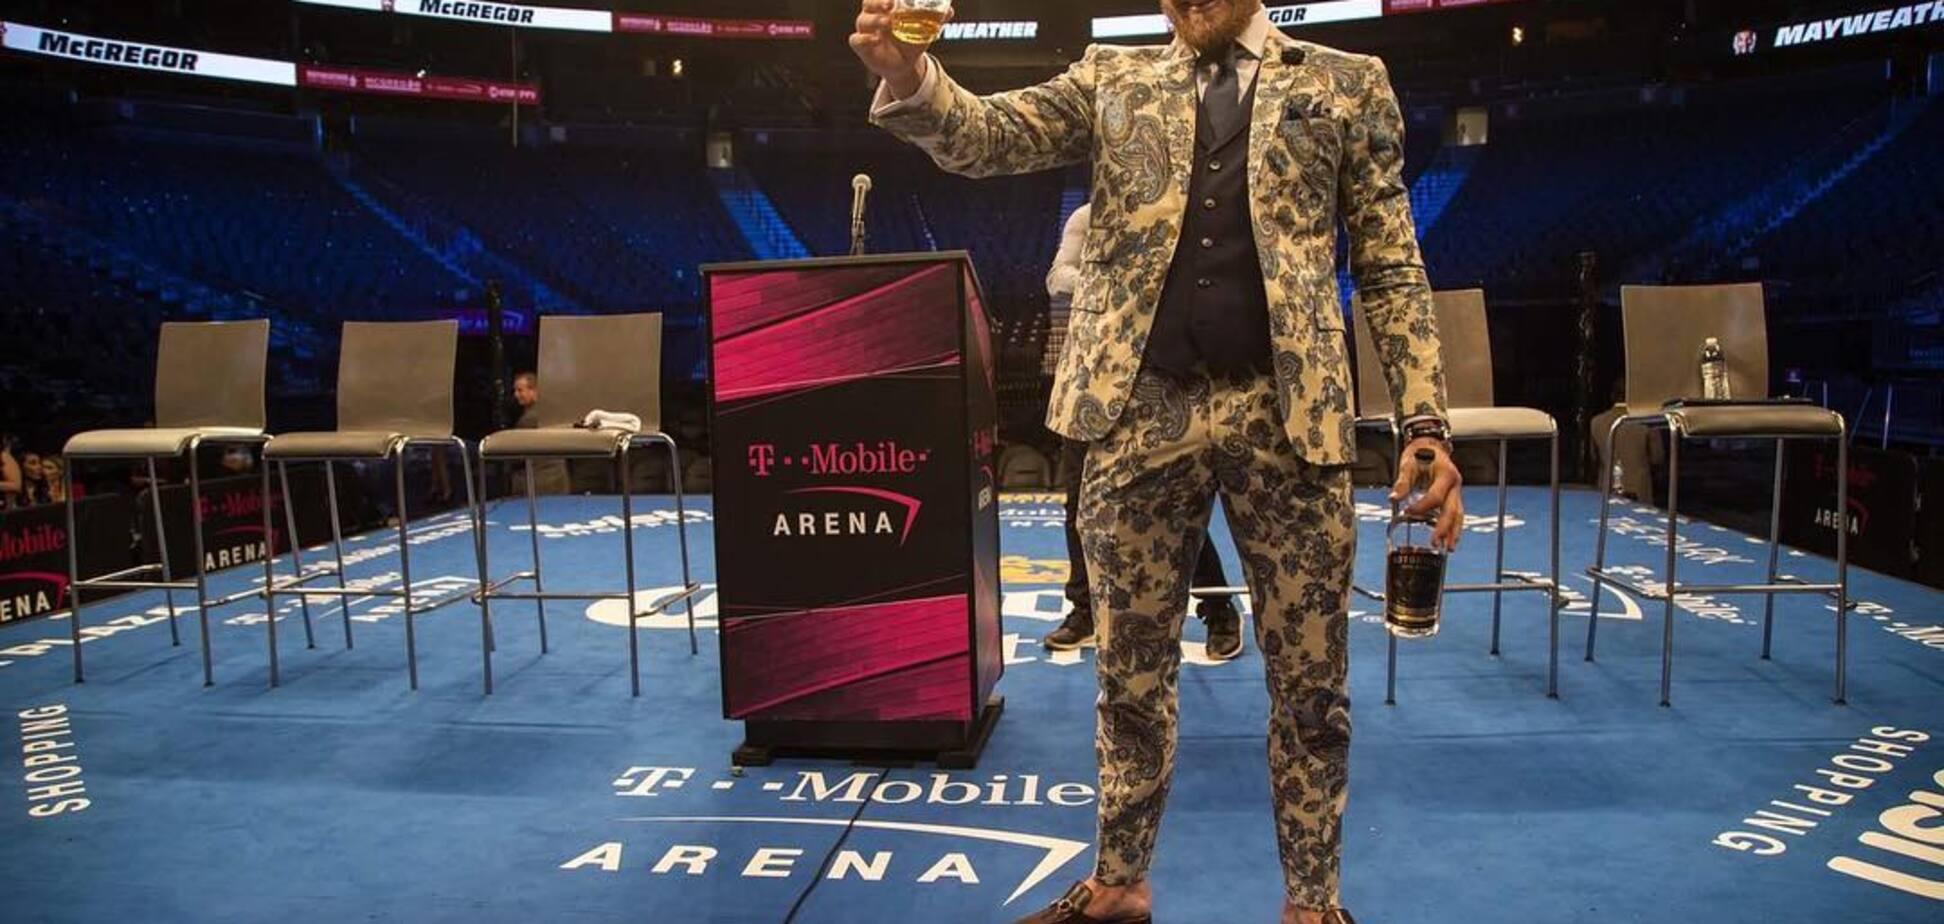 'Адский боксер'. МакГрегор сделал итоговое заявление после поражения от Мейвезера, собрав 2 млн 'лайков'